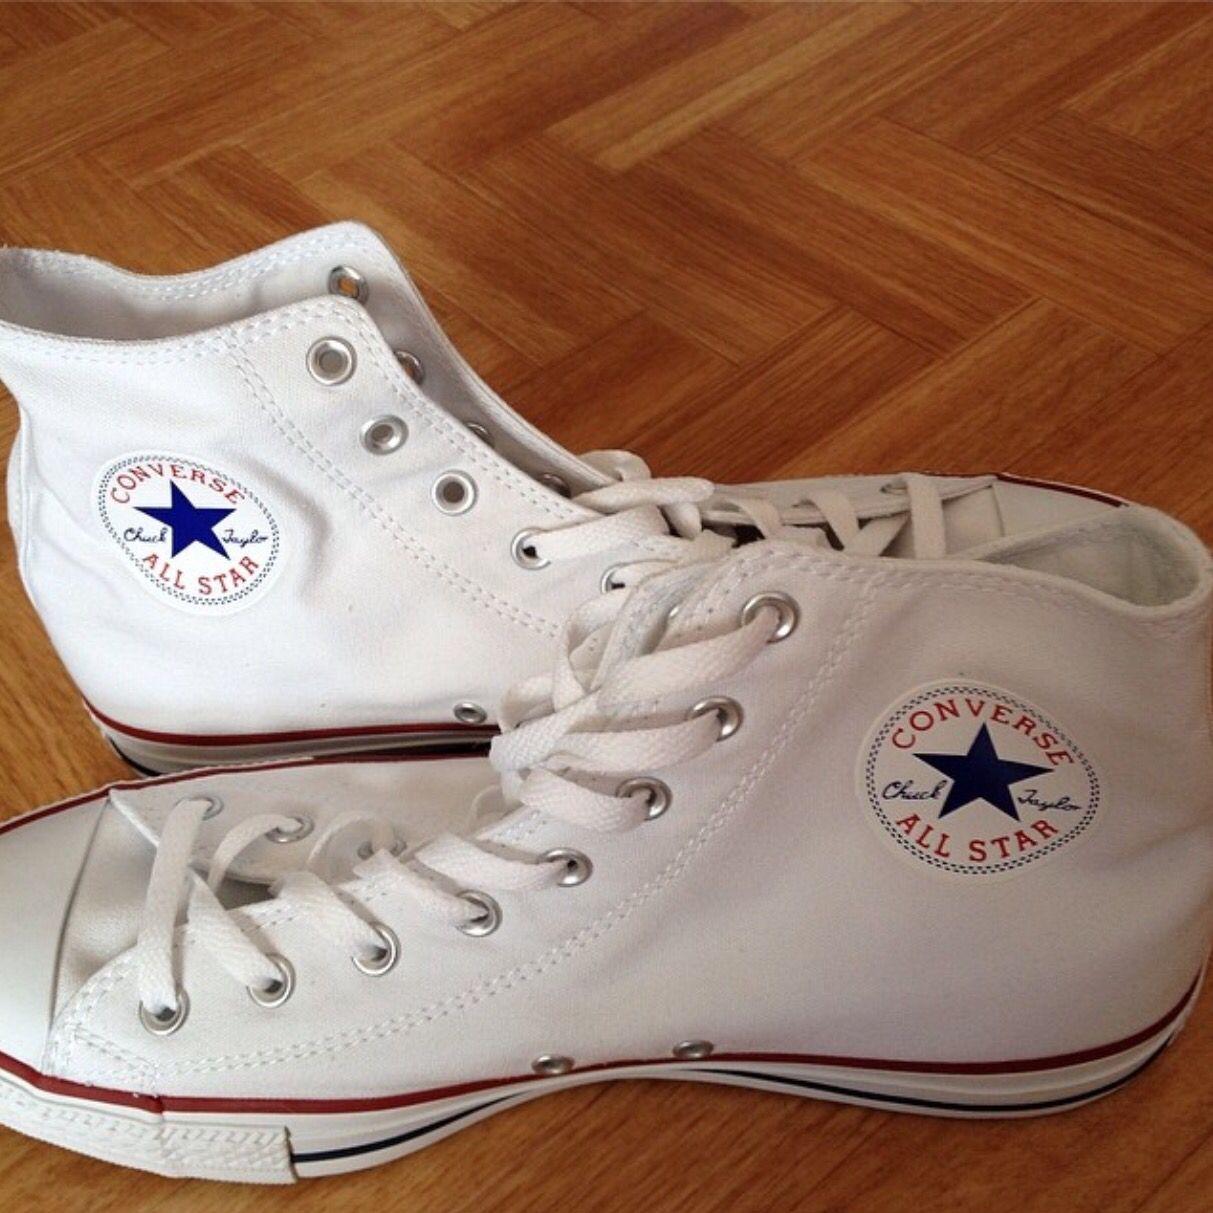 Converse weiß ❤️❤️